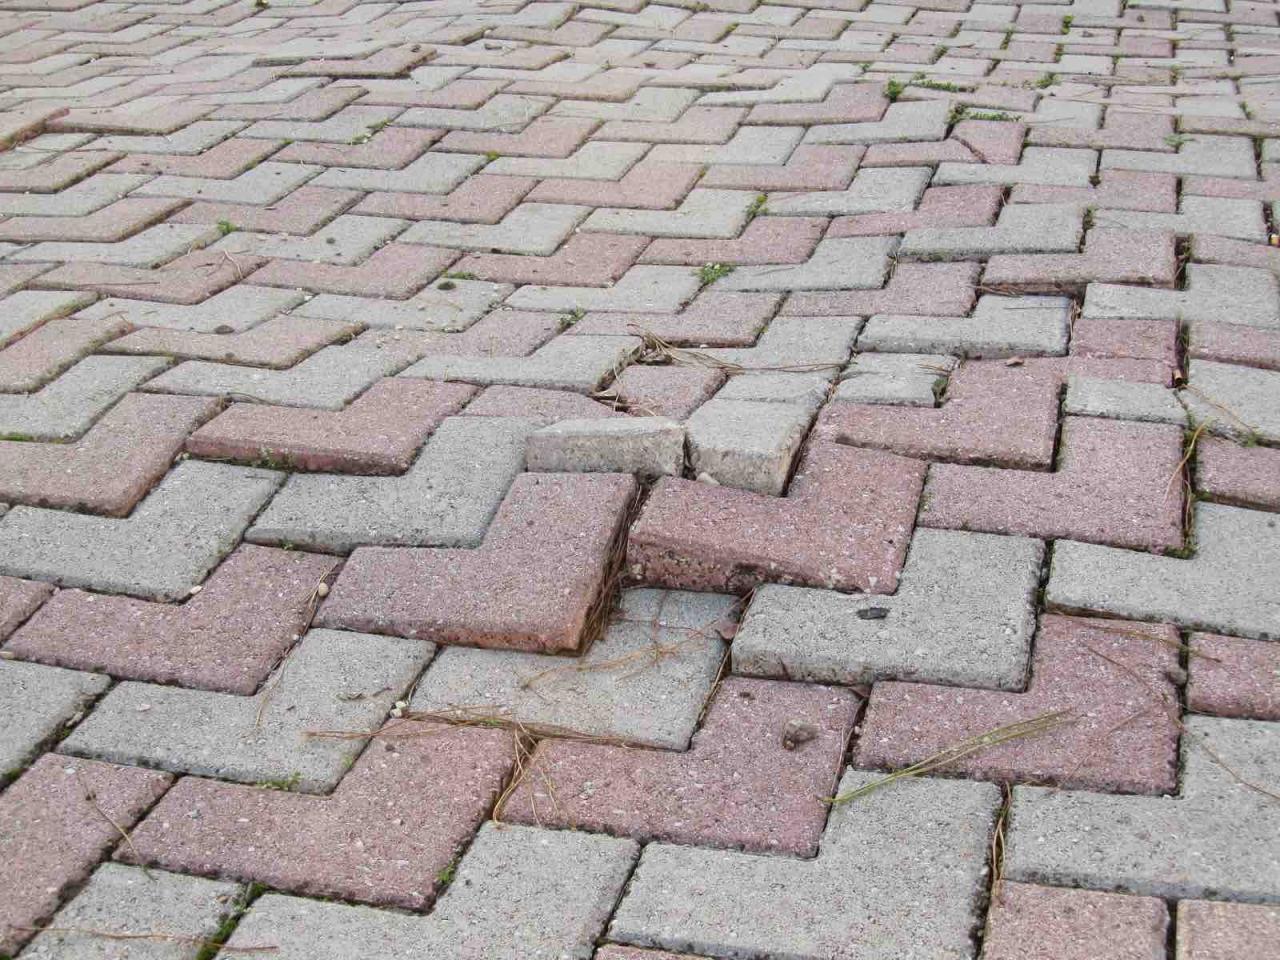 Realizzare Prato Su Cemento posa degli autobloccanti | fratelli pellizzari